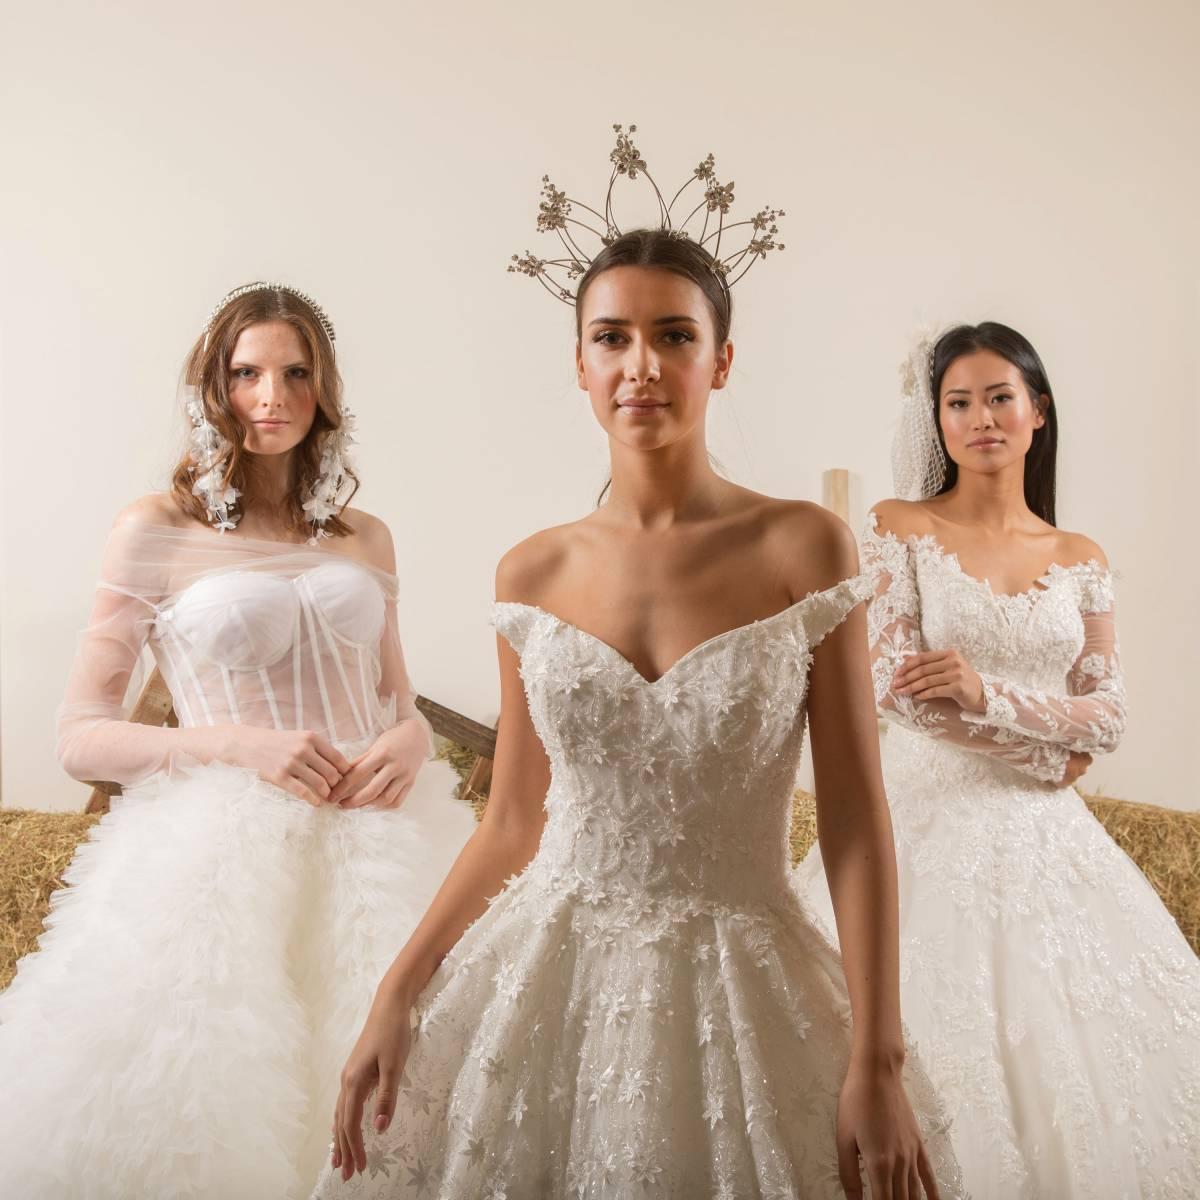 Atelier ExC - Trouwjurken - Bruidsjurken - Bruidswinkel - Bruidsmodewinkel - House of Weddings - 53